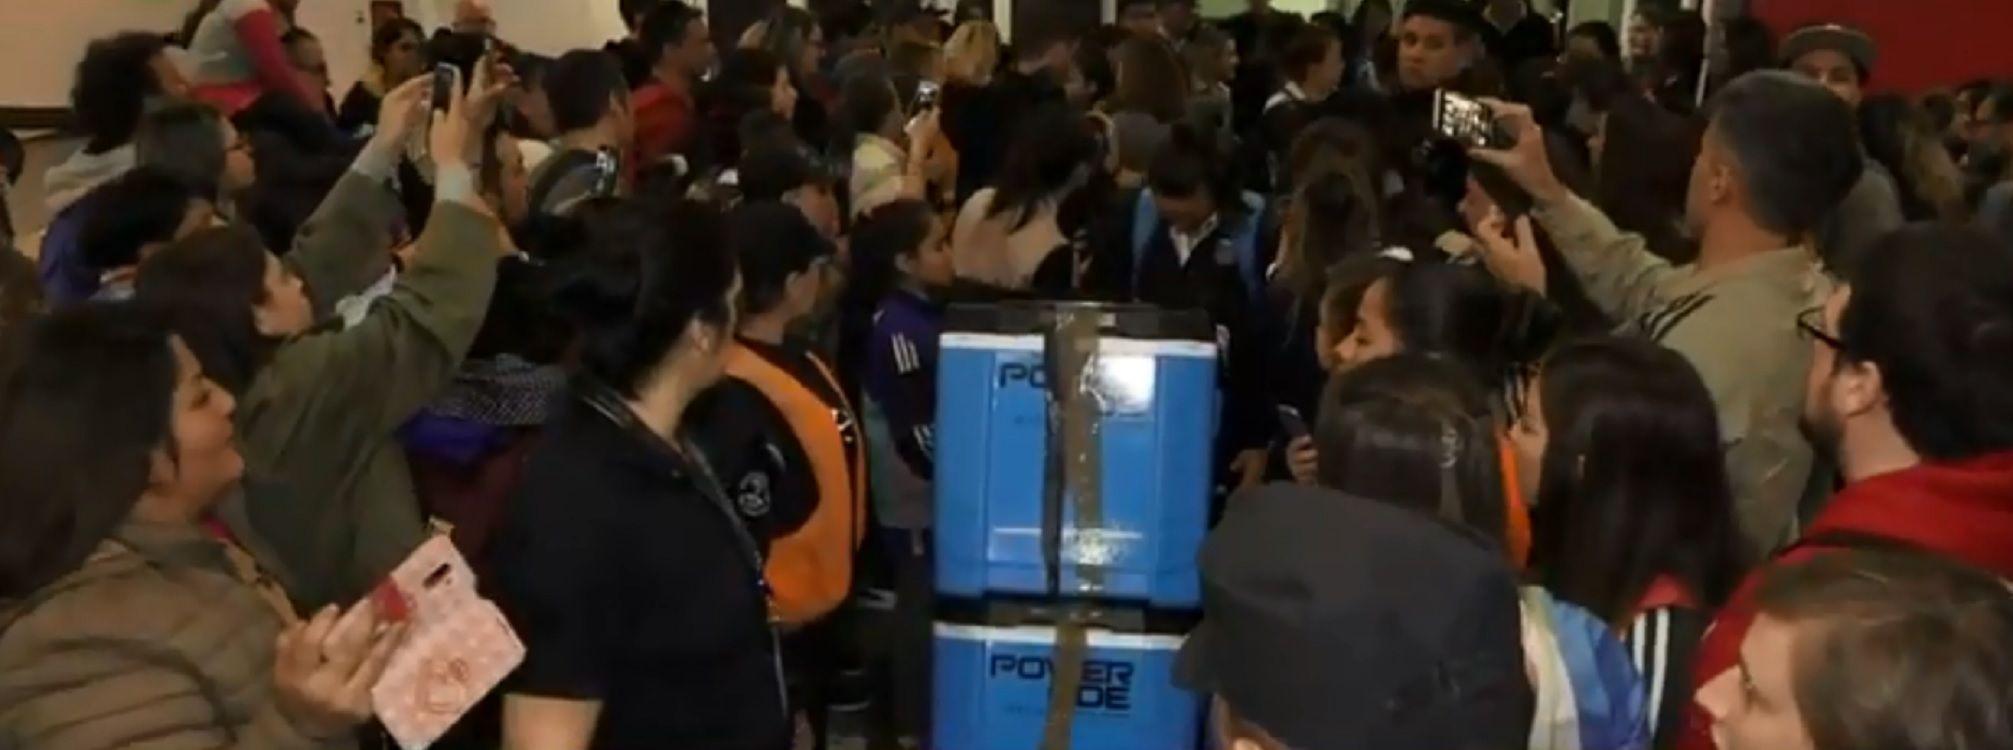 Cientos de hinchas recibieron a las jugadoras de la Selección argentina tras el histórico mundial